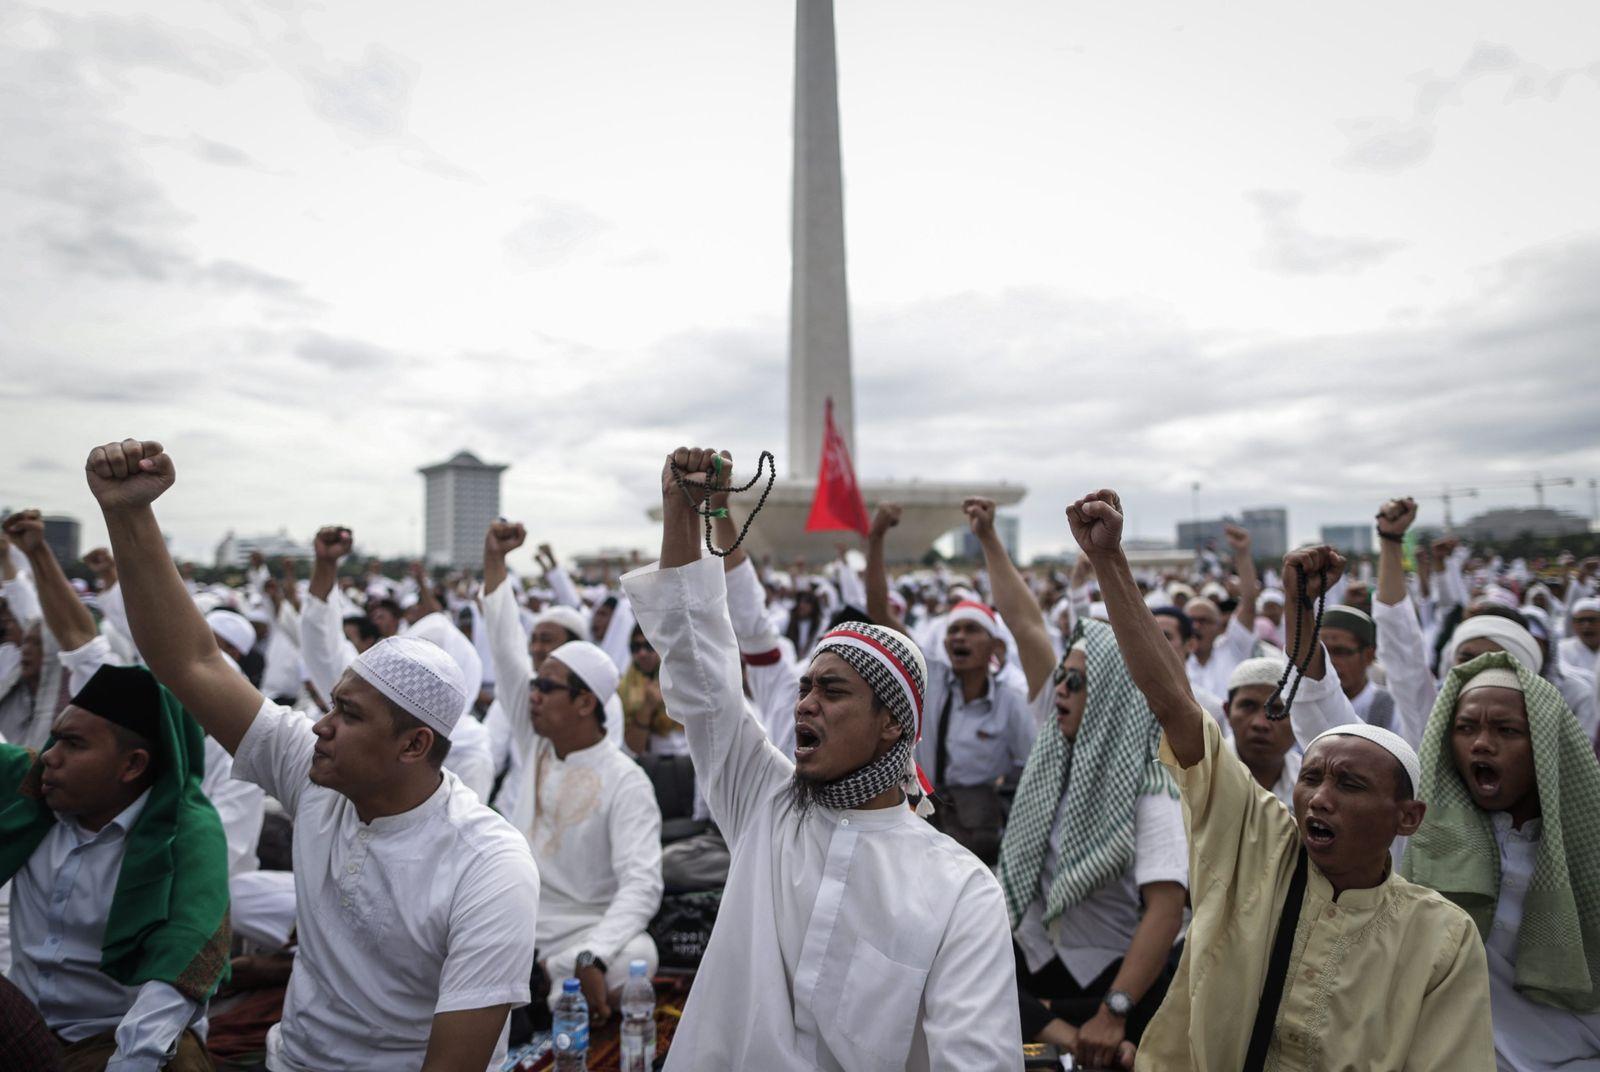 Muslims protest against blashpemy in Jakarta